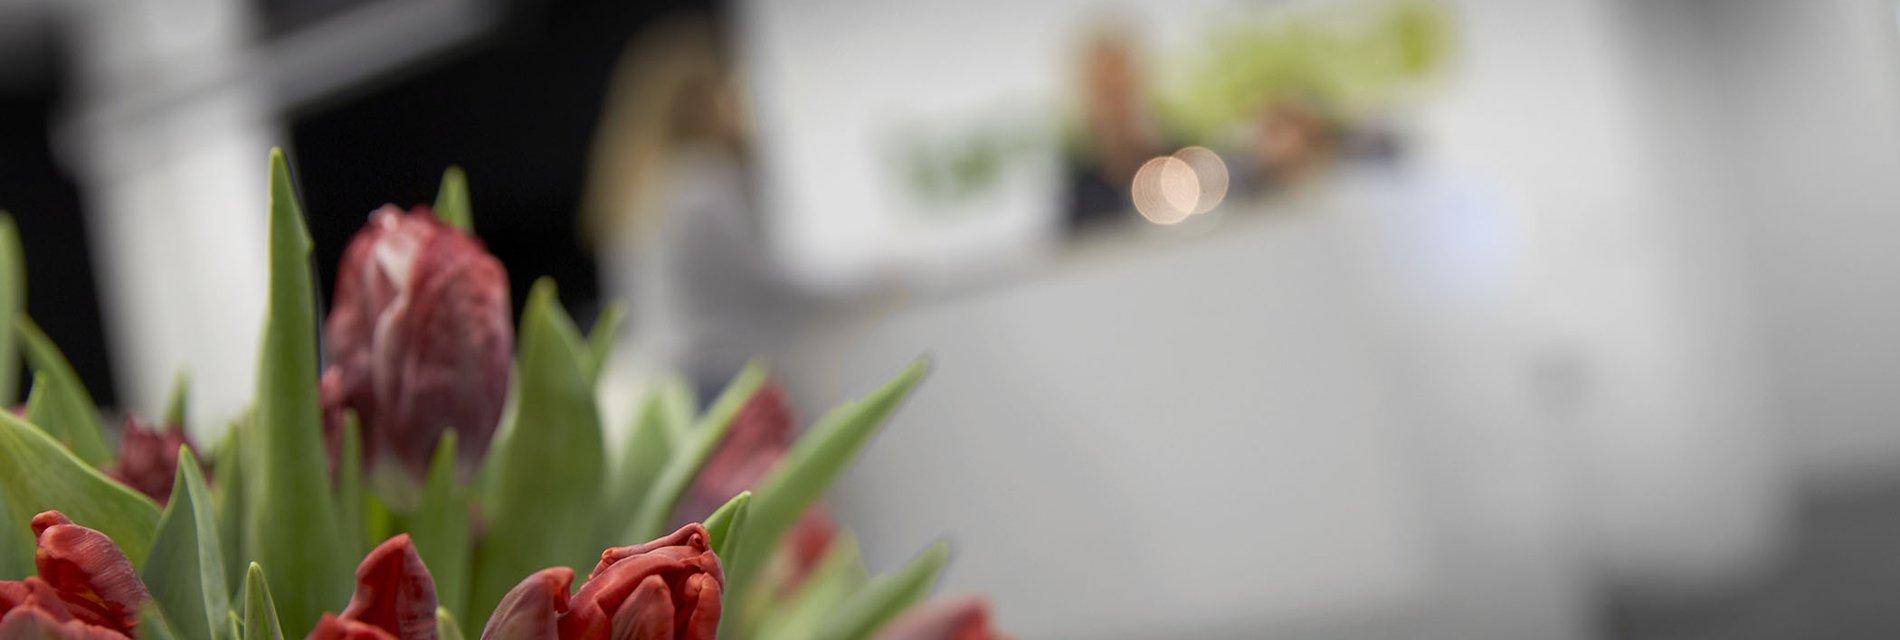 reception-blommor.jpg